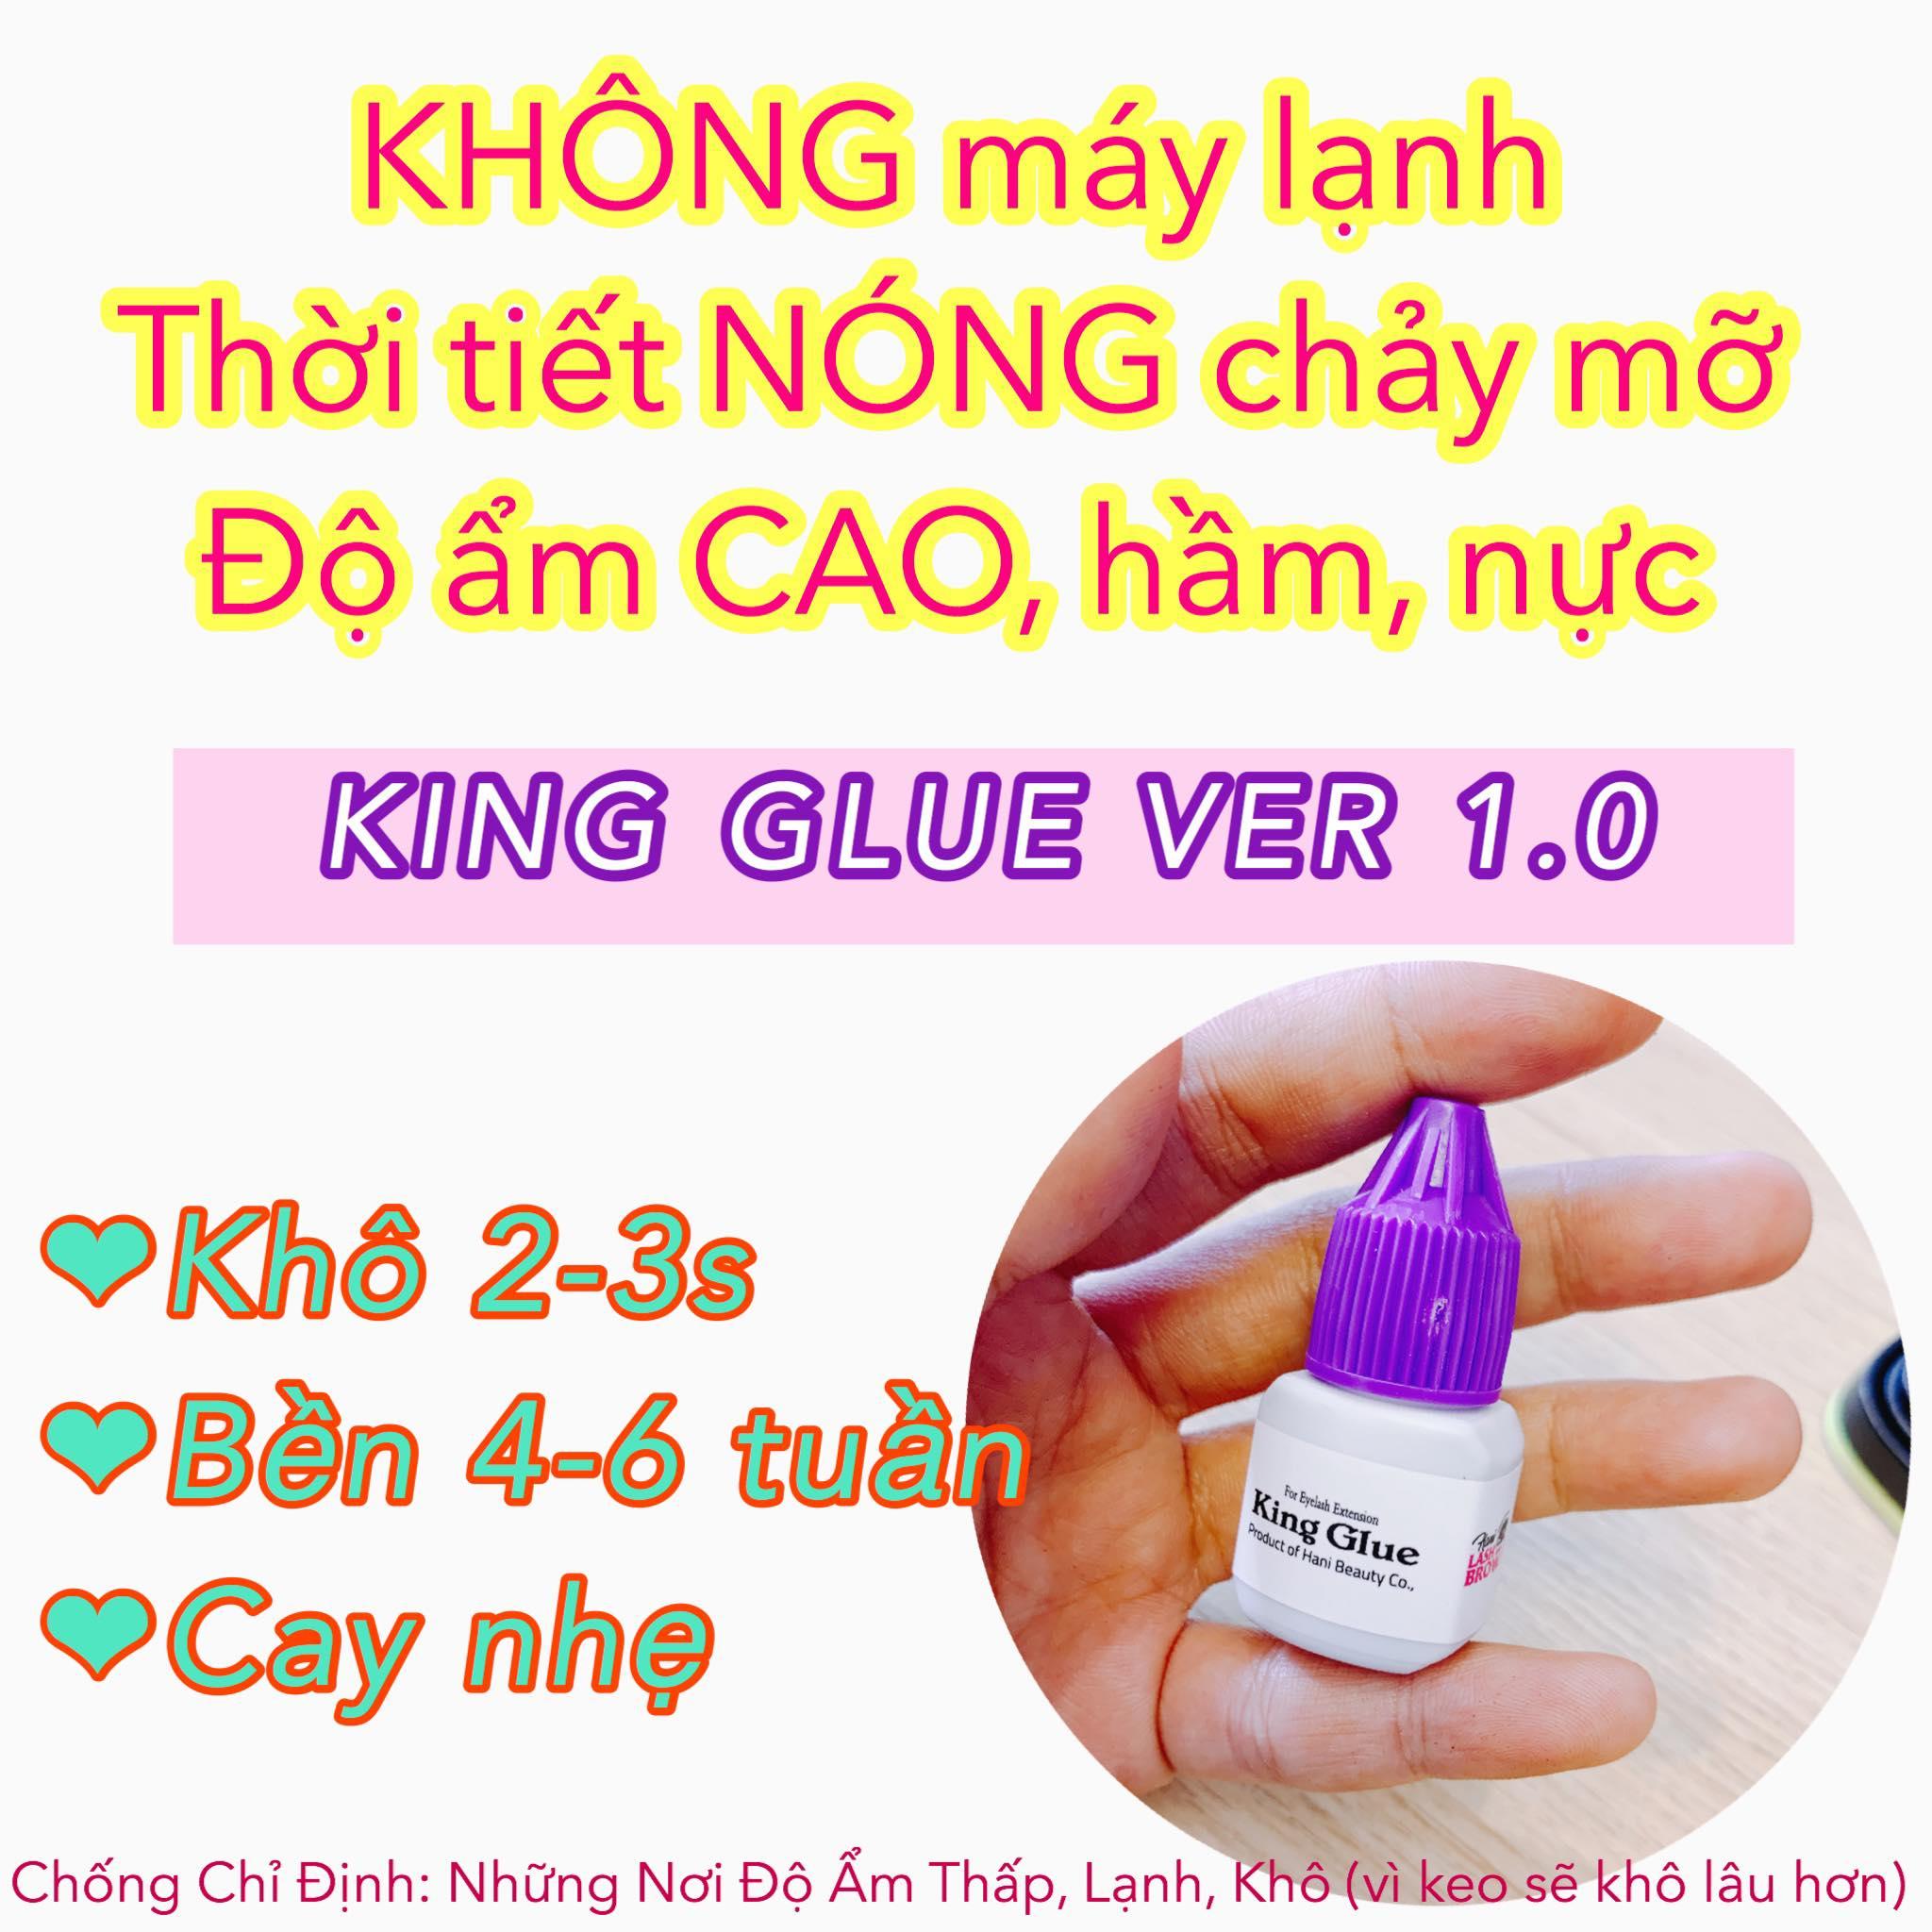 Keo nối mi khô chậm - Siêu Bền - Ít Cay - Nhập Khẩu Hàn Quốc 100%